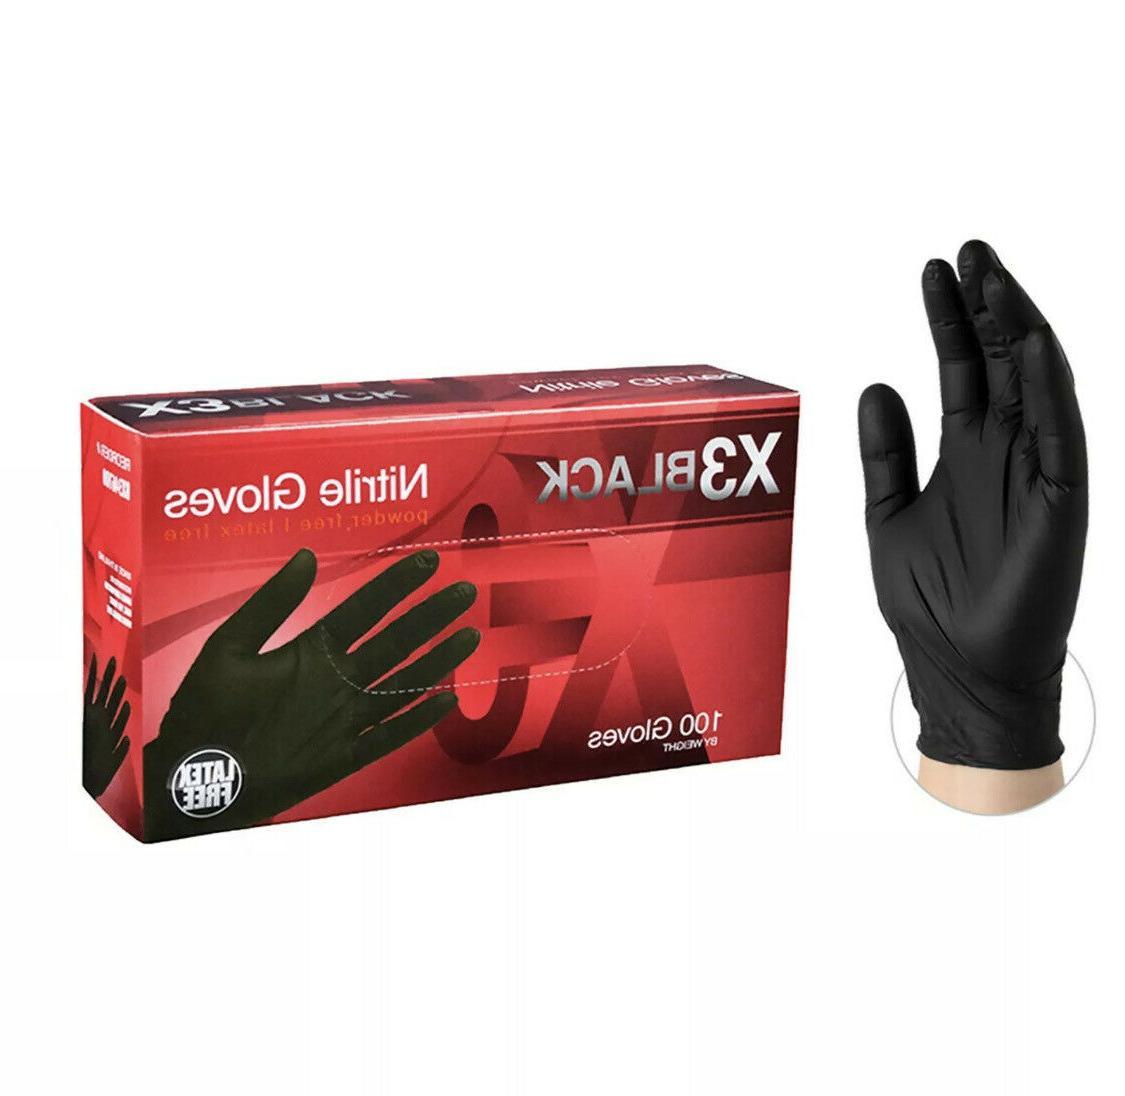 100 pcs bx3 black nitrile powder free